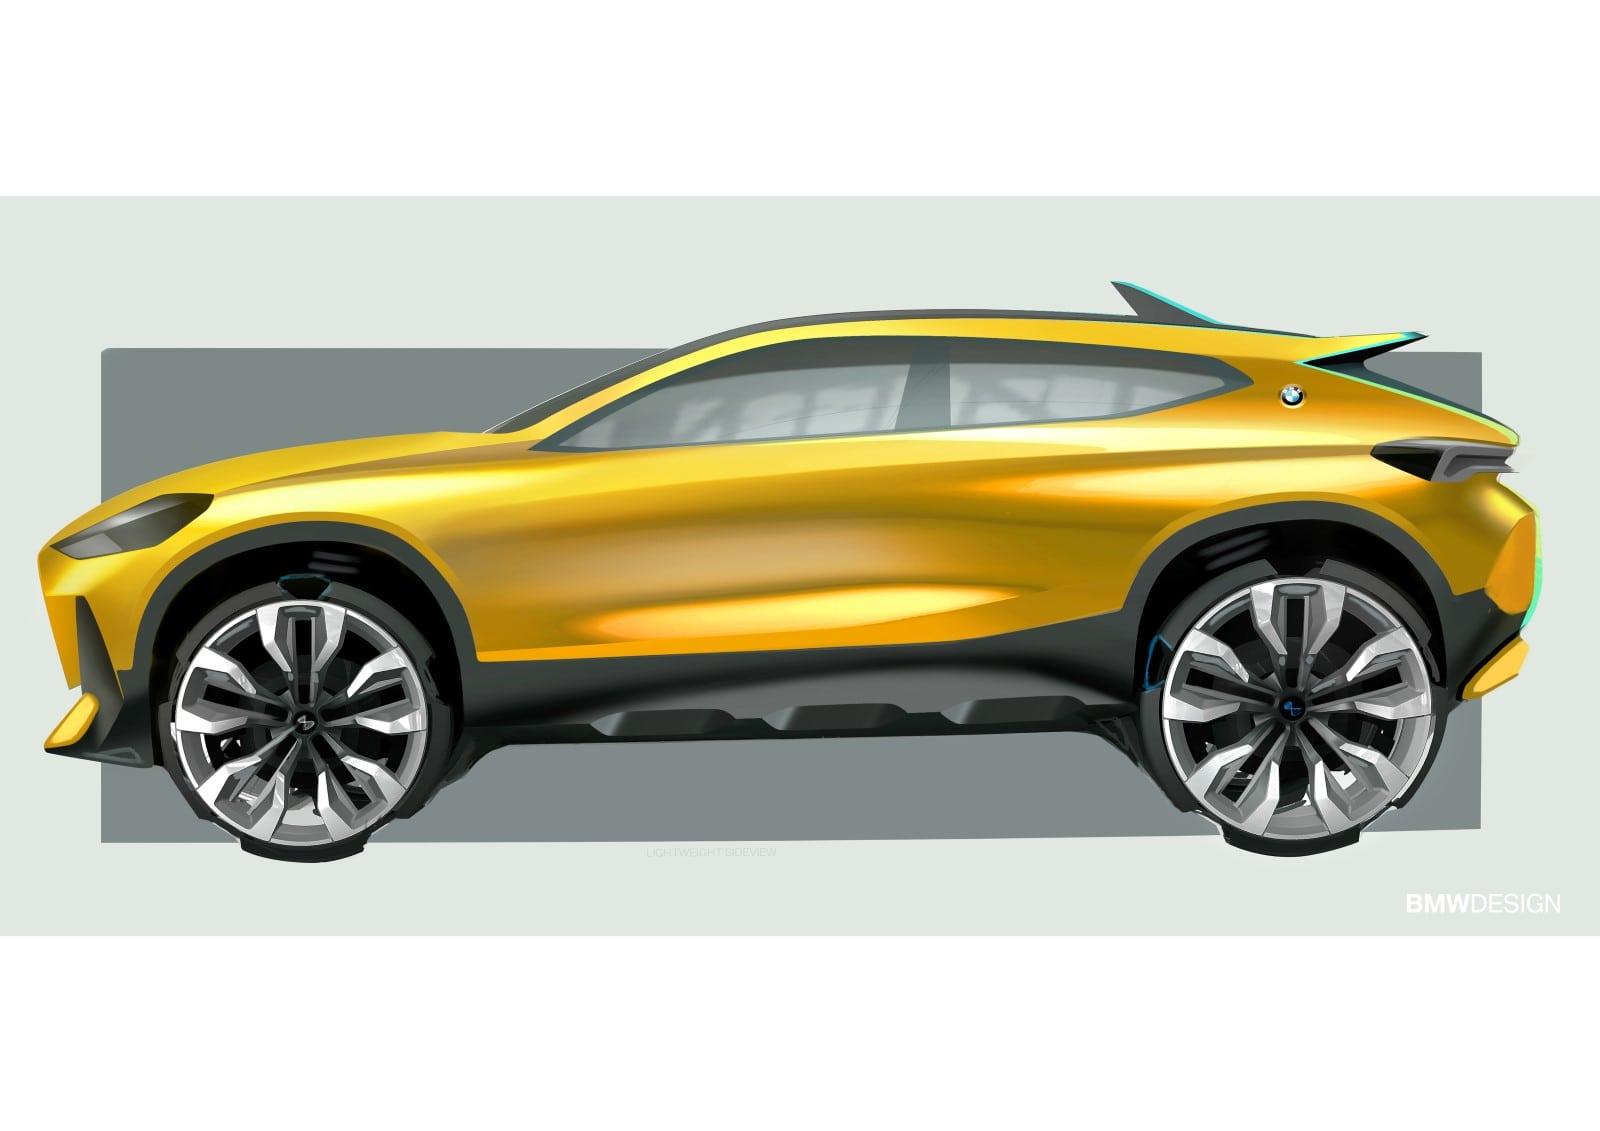 BMW X2 2018 Design Sketches